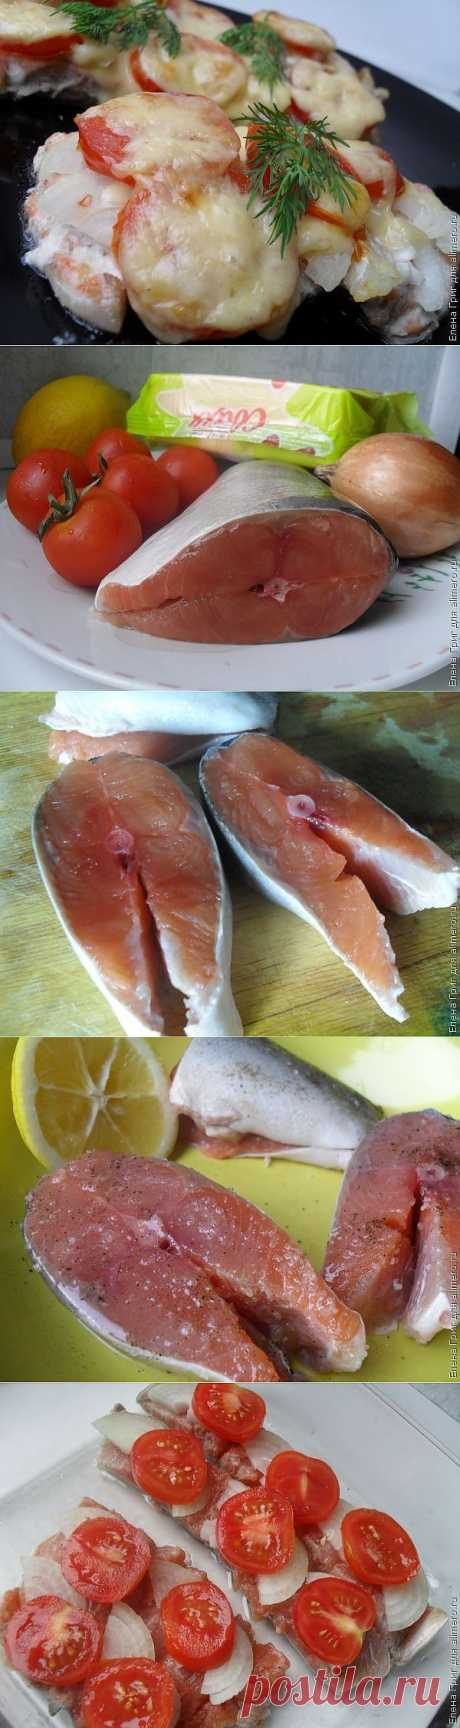 Горбуша, запеченная под шубой / Рецепты с фото